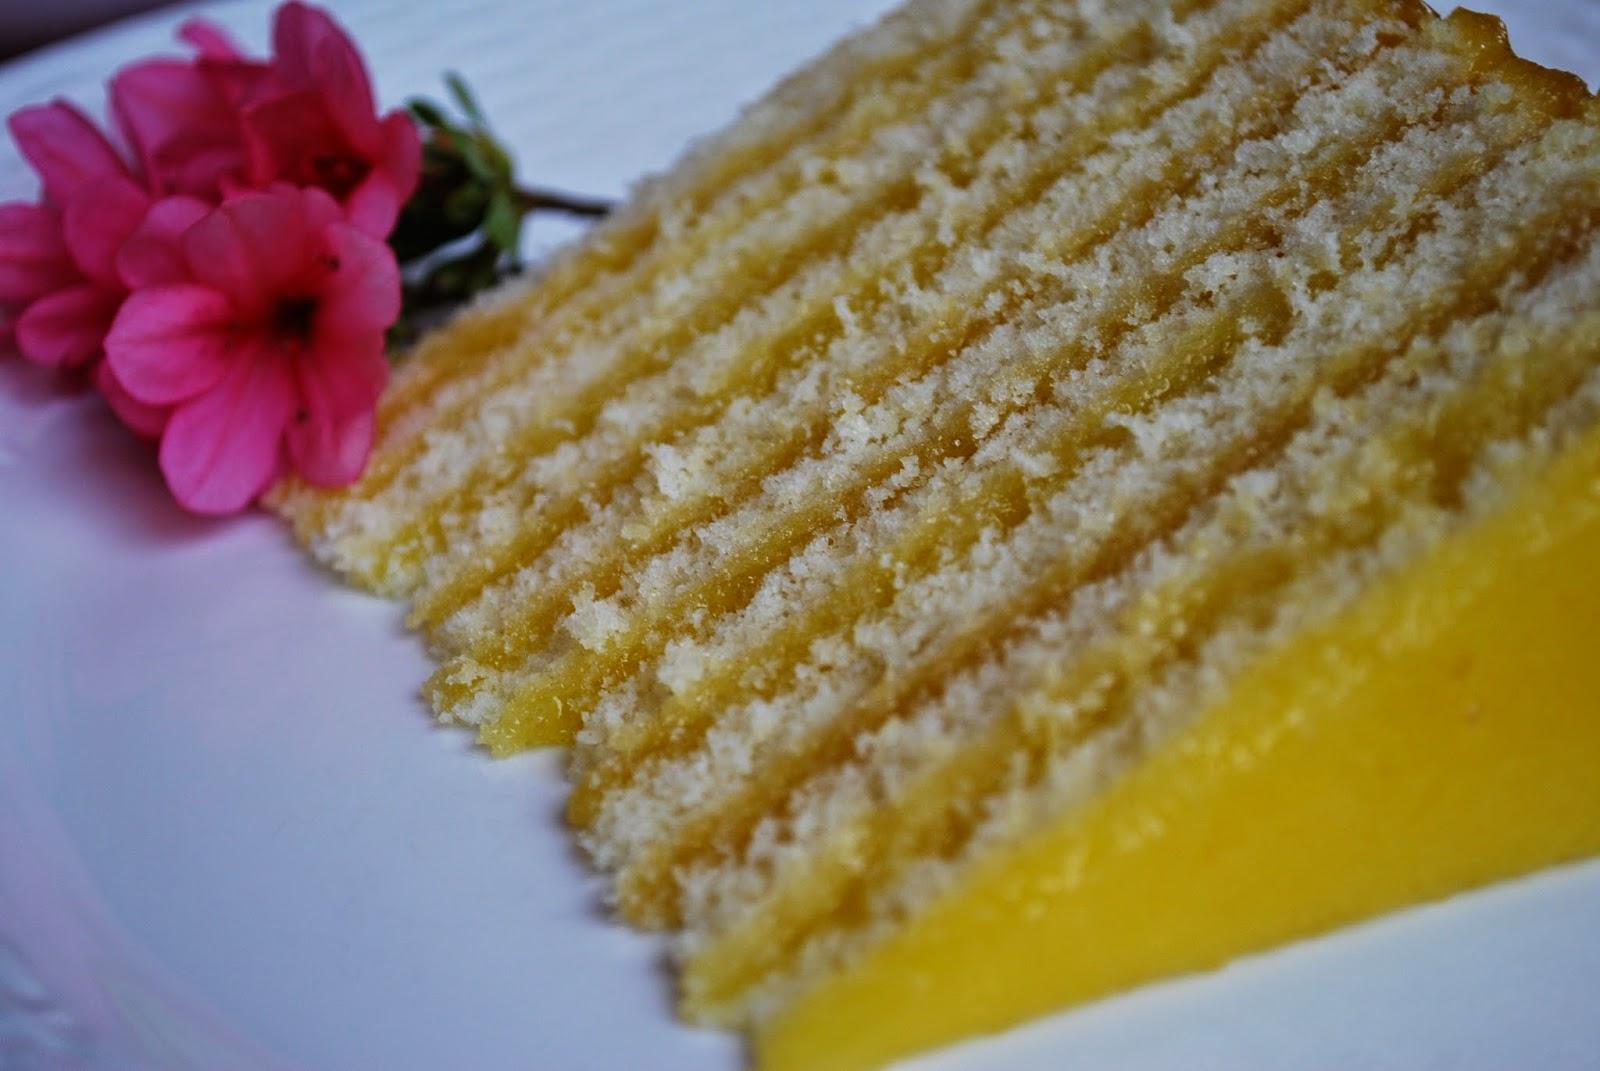 Lemon Cheese Pound Cake